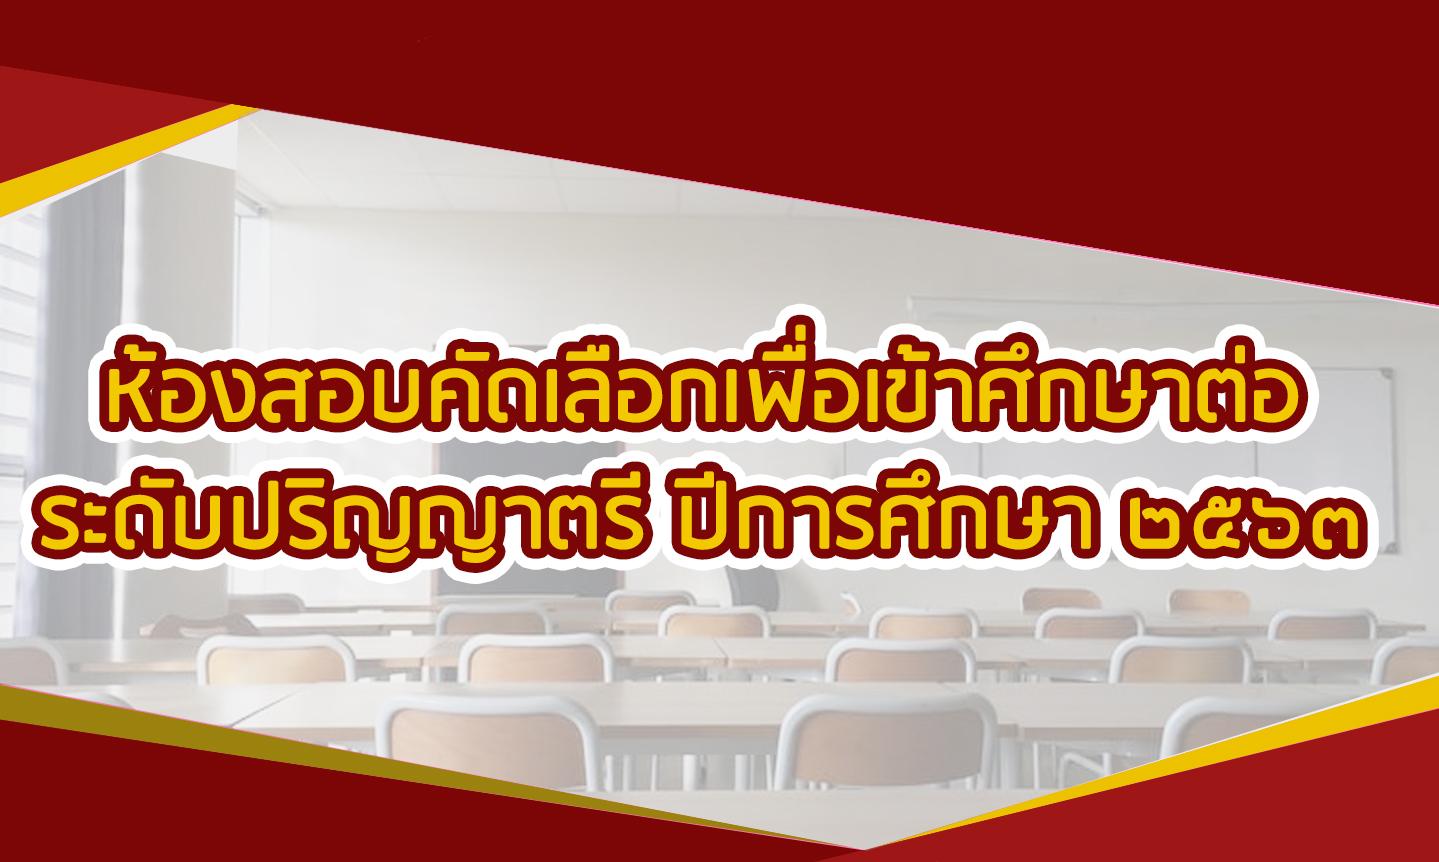 ประกาศห้องสอบคัดเลือกเพื่อเข้าศึกษาต่อระดับปริญญาตรี ปีการศึกษา ๒๕๖๓